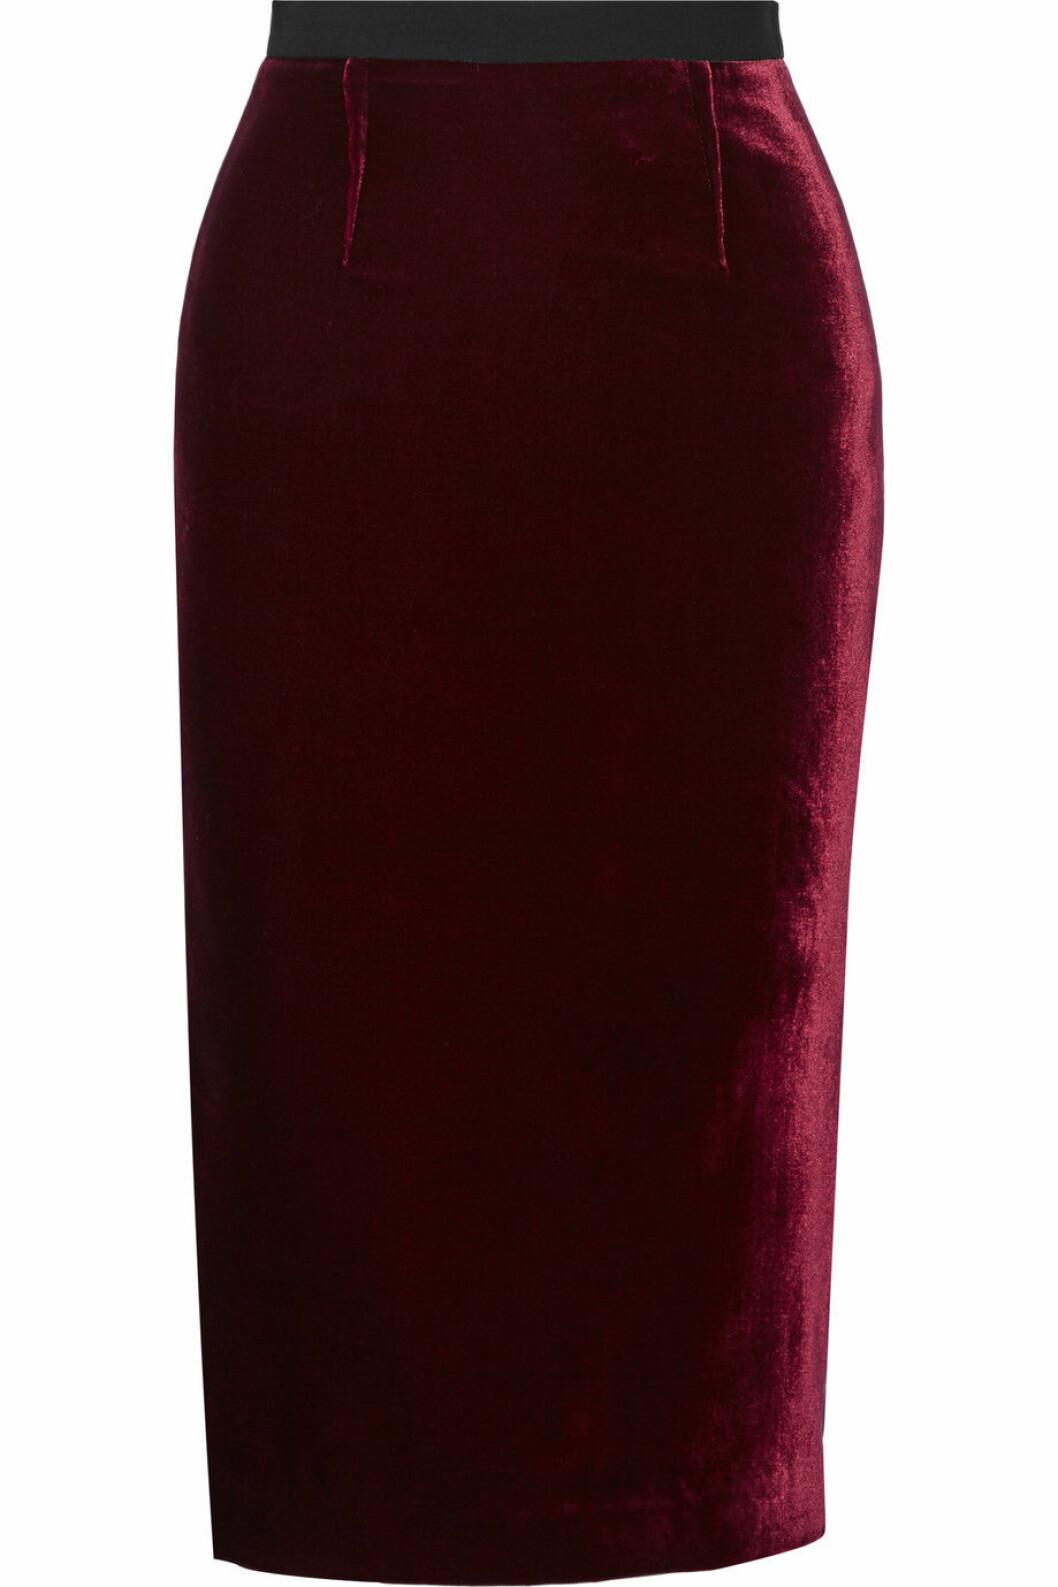 kjol sammet röd